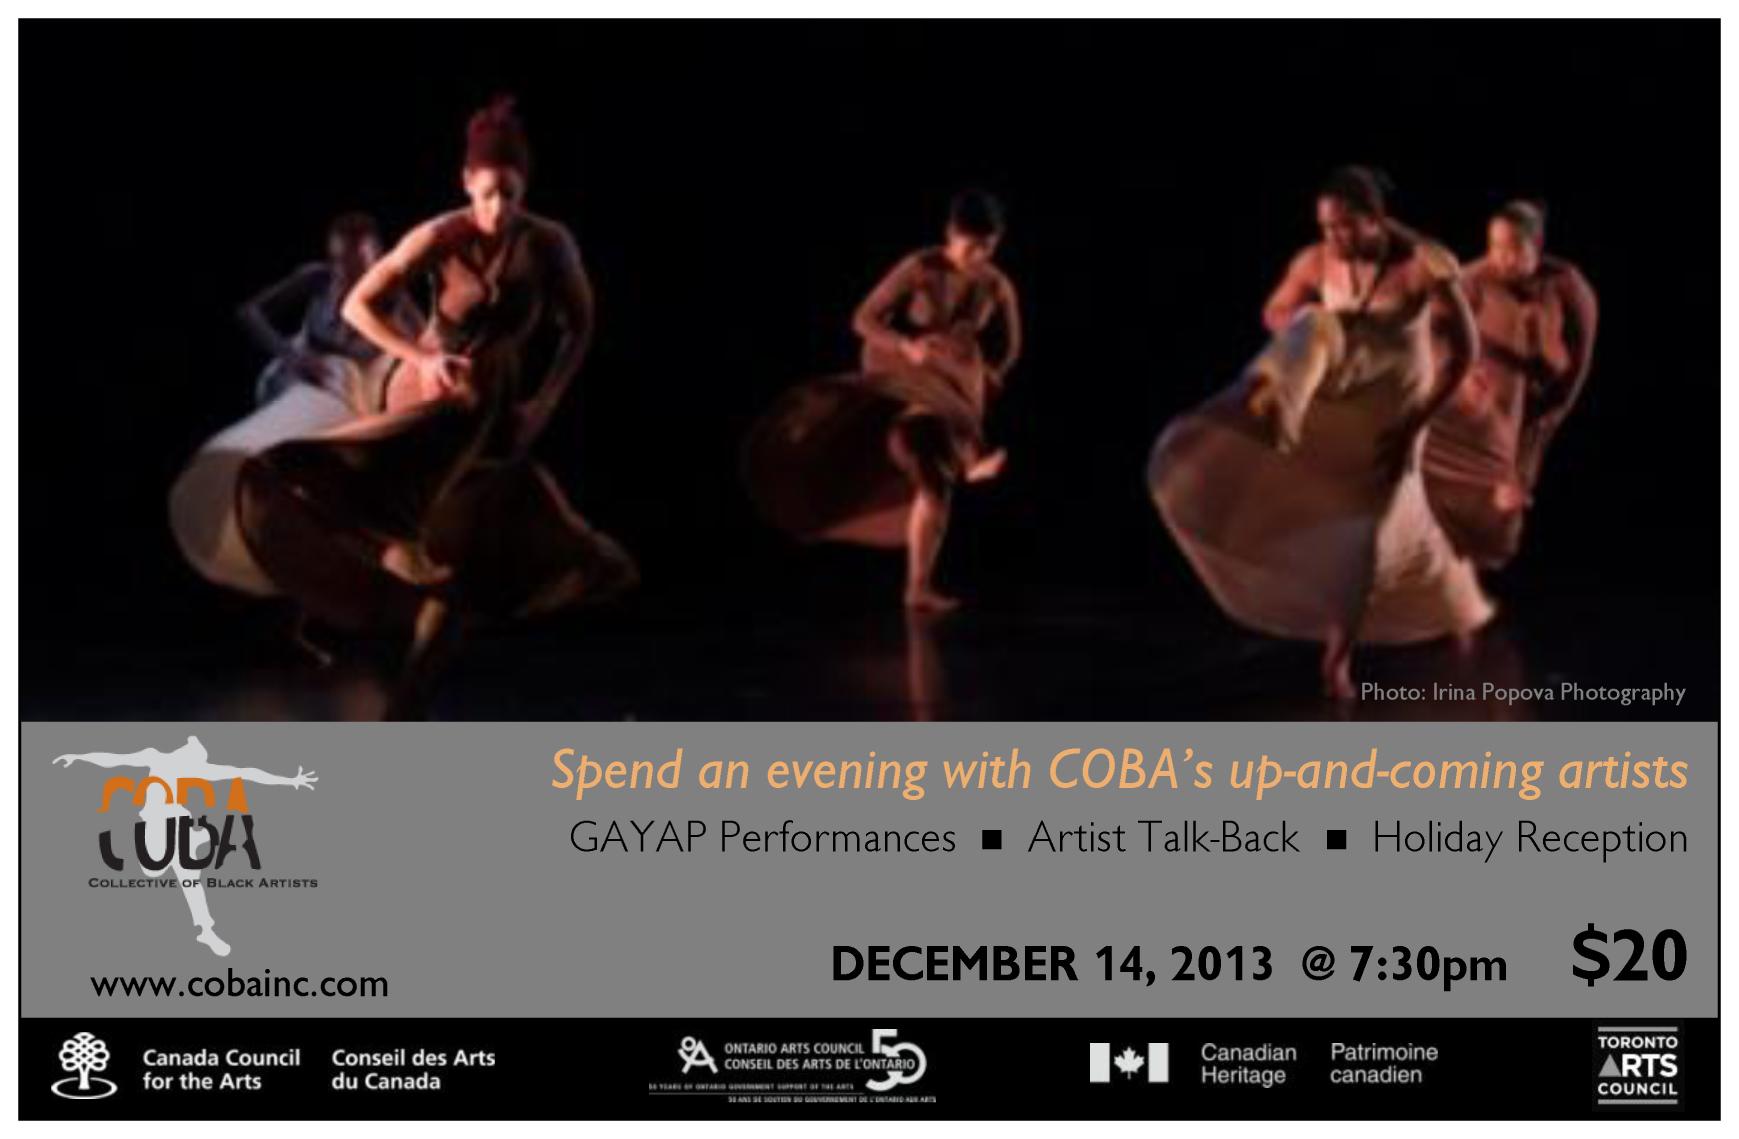 GAYAP performances Dec 14, 2013